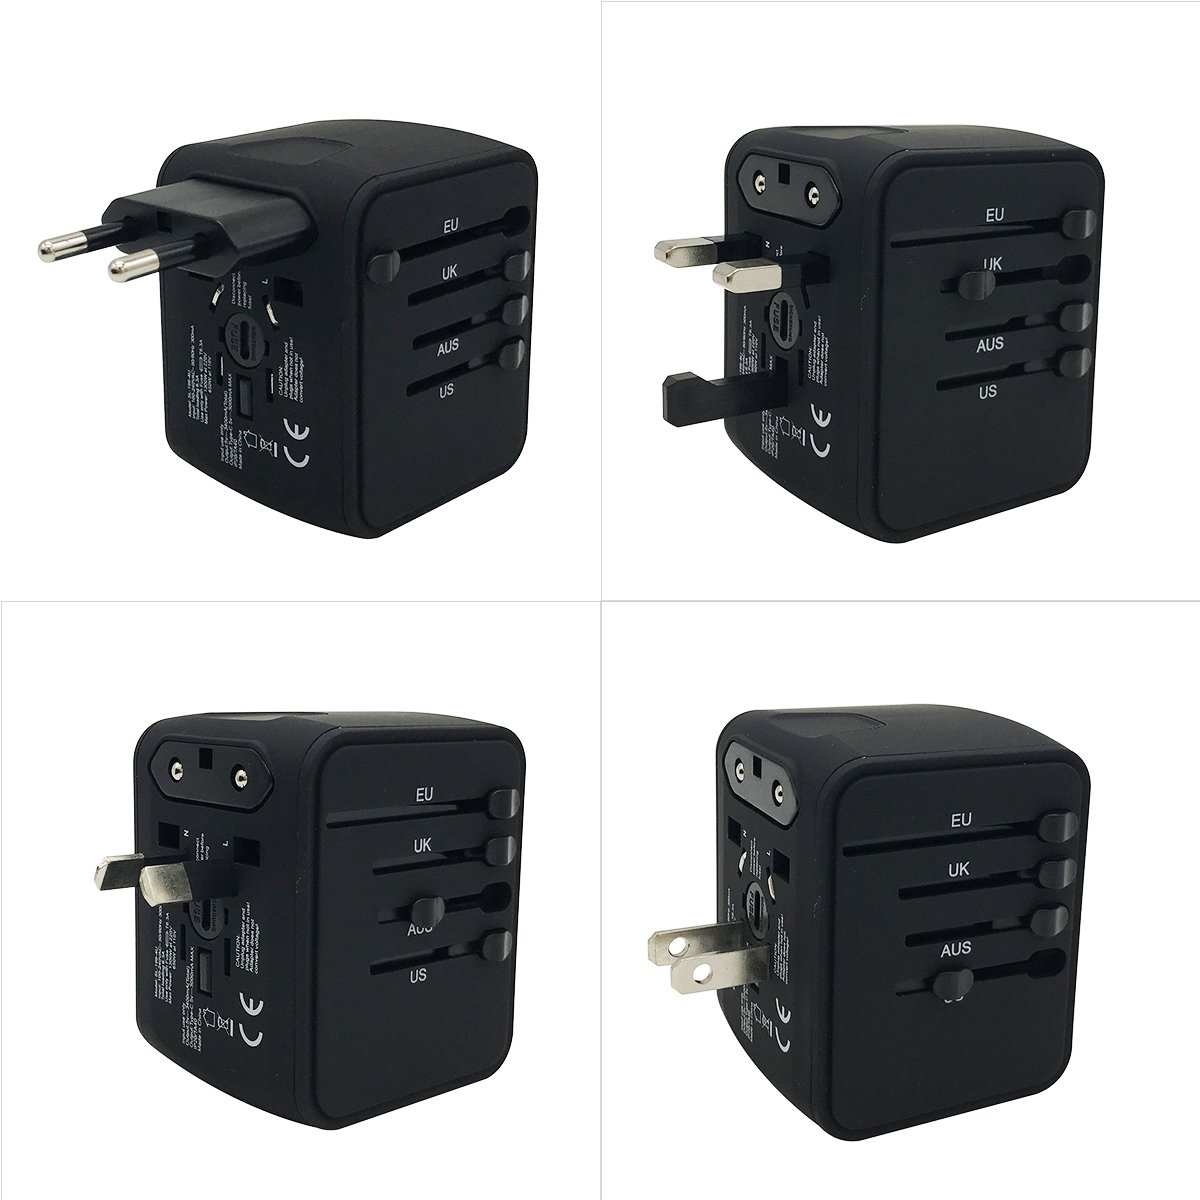 VIGICA Universal mundo viaje adaptador Internatinal enchufe (Reino Unido/UE/AU/us) 4 USB tipo C adaptador de carga toma de corriente seguridad FUSED: ...